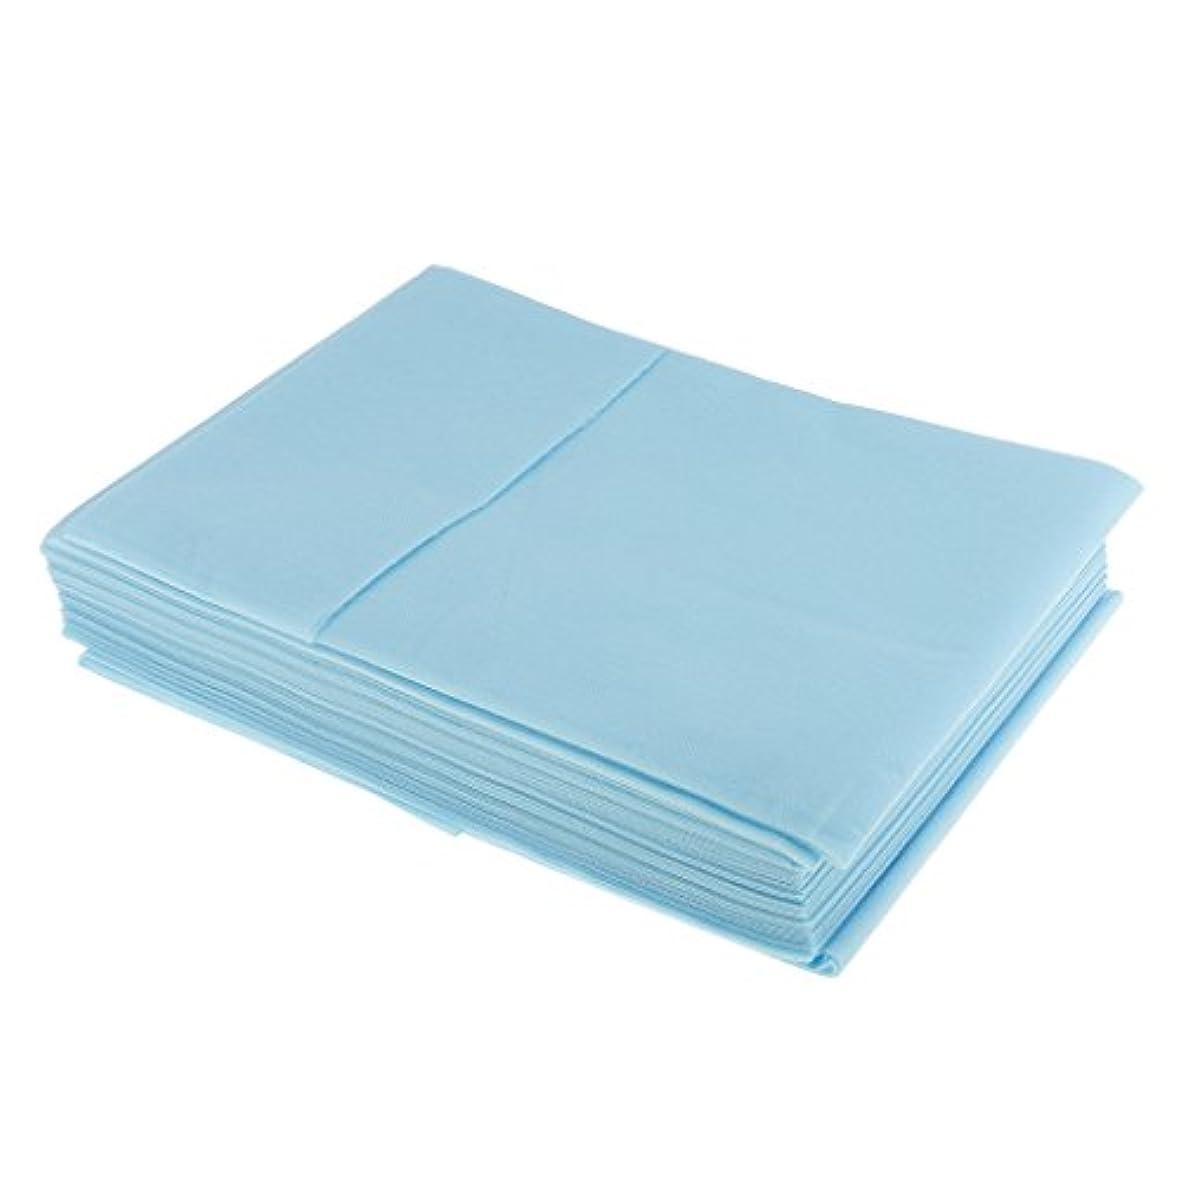 チケットグレートオークチーフKesoto 10枚入り 使い捨て 美容室/マッサージ/サロン/ホテル ベッドパッド 旅行用 衛生シート 全3色選べ - 青